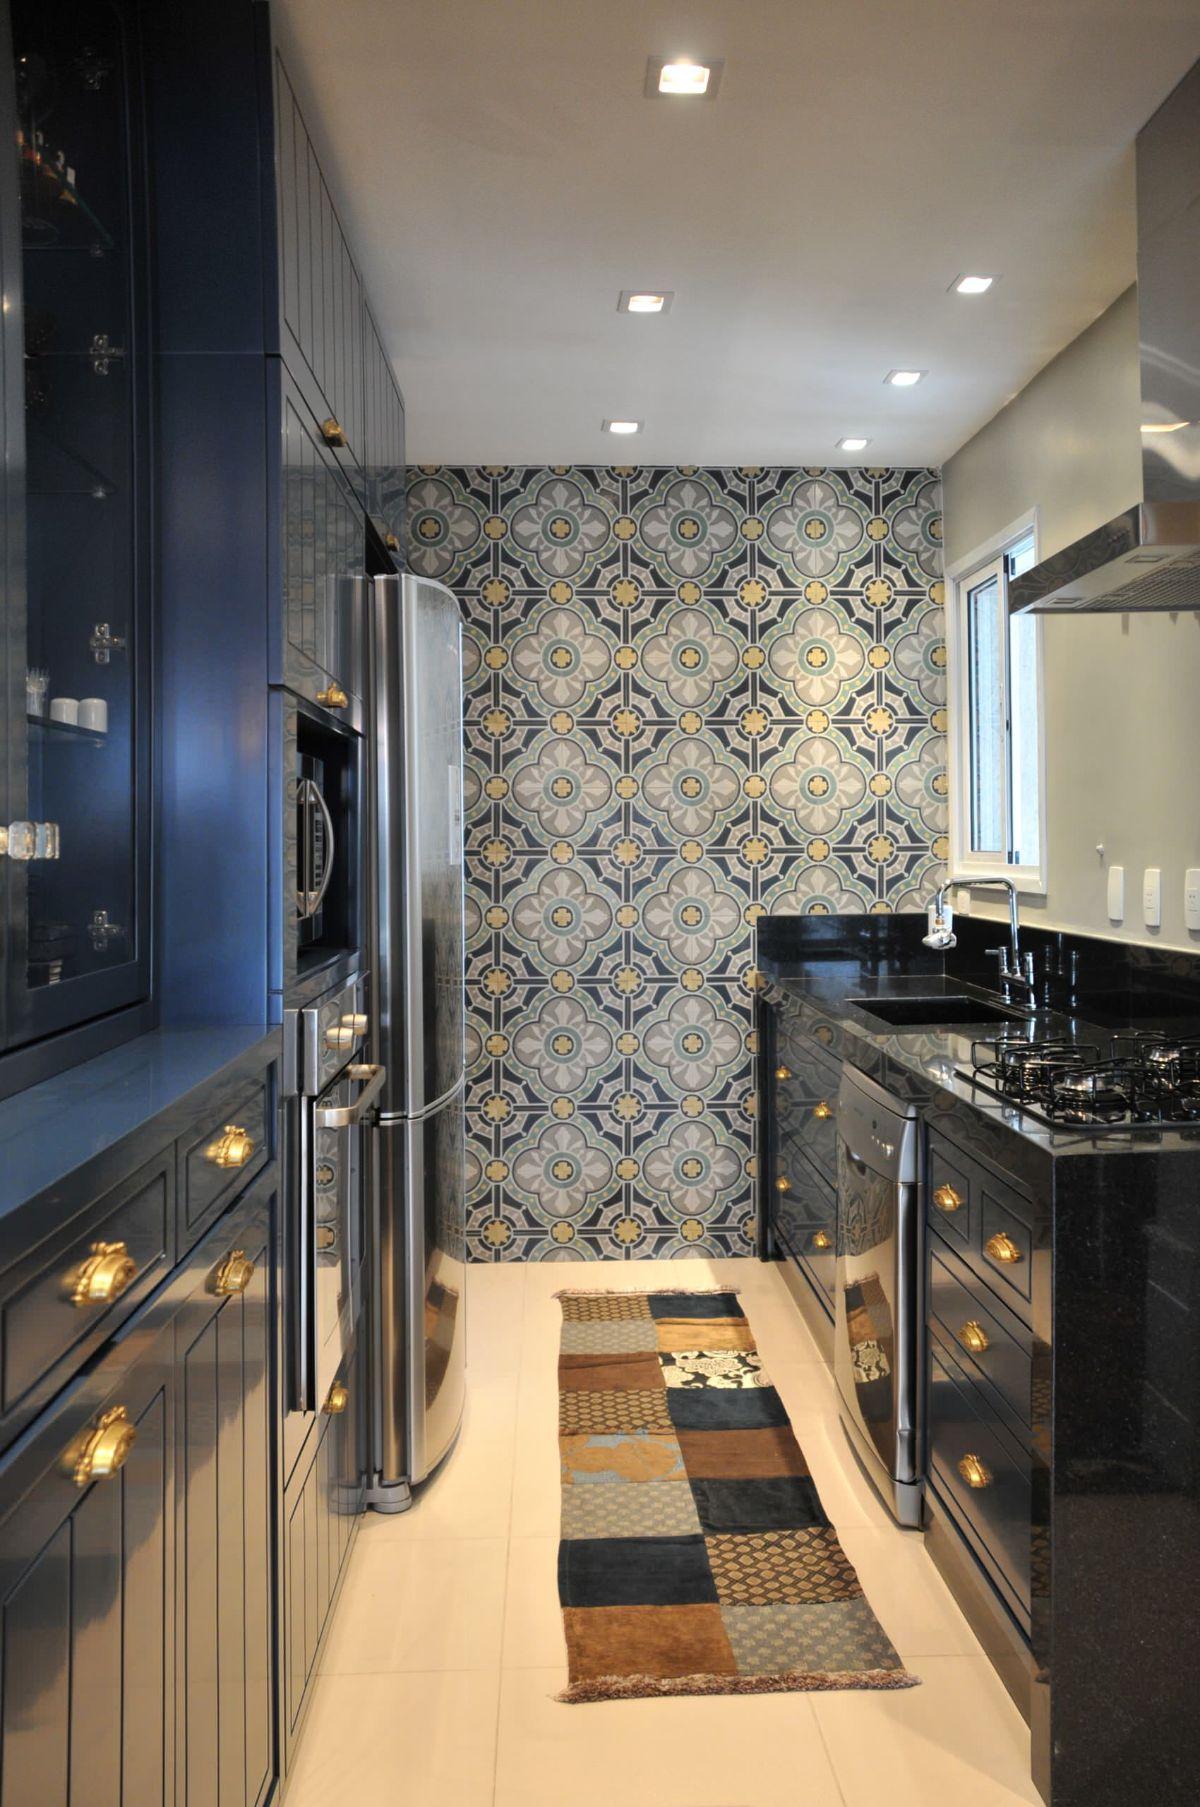 современный дизайн узкой чёрной кухни